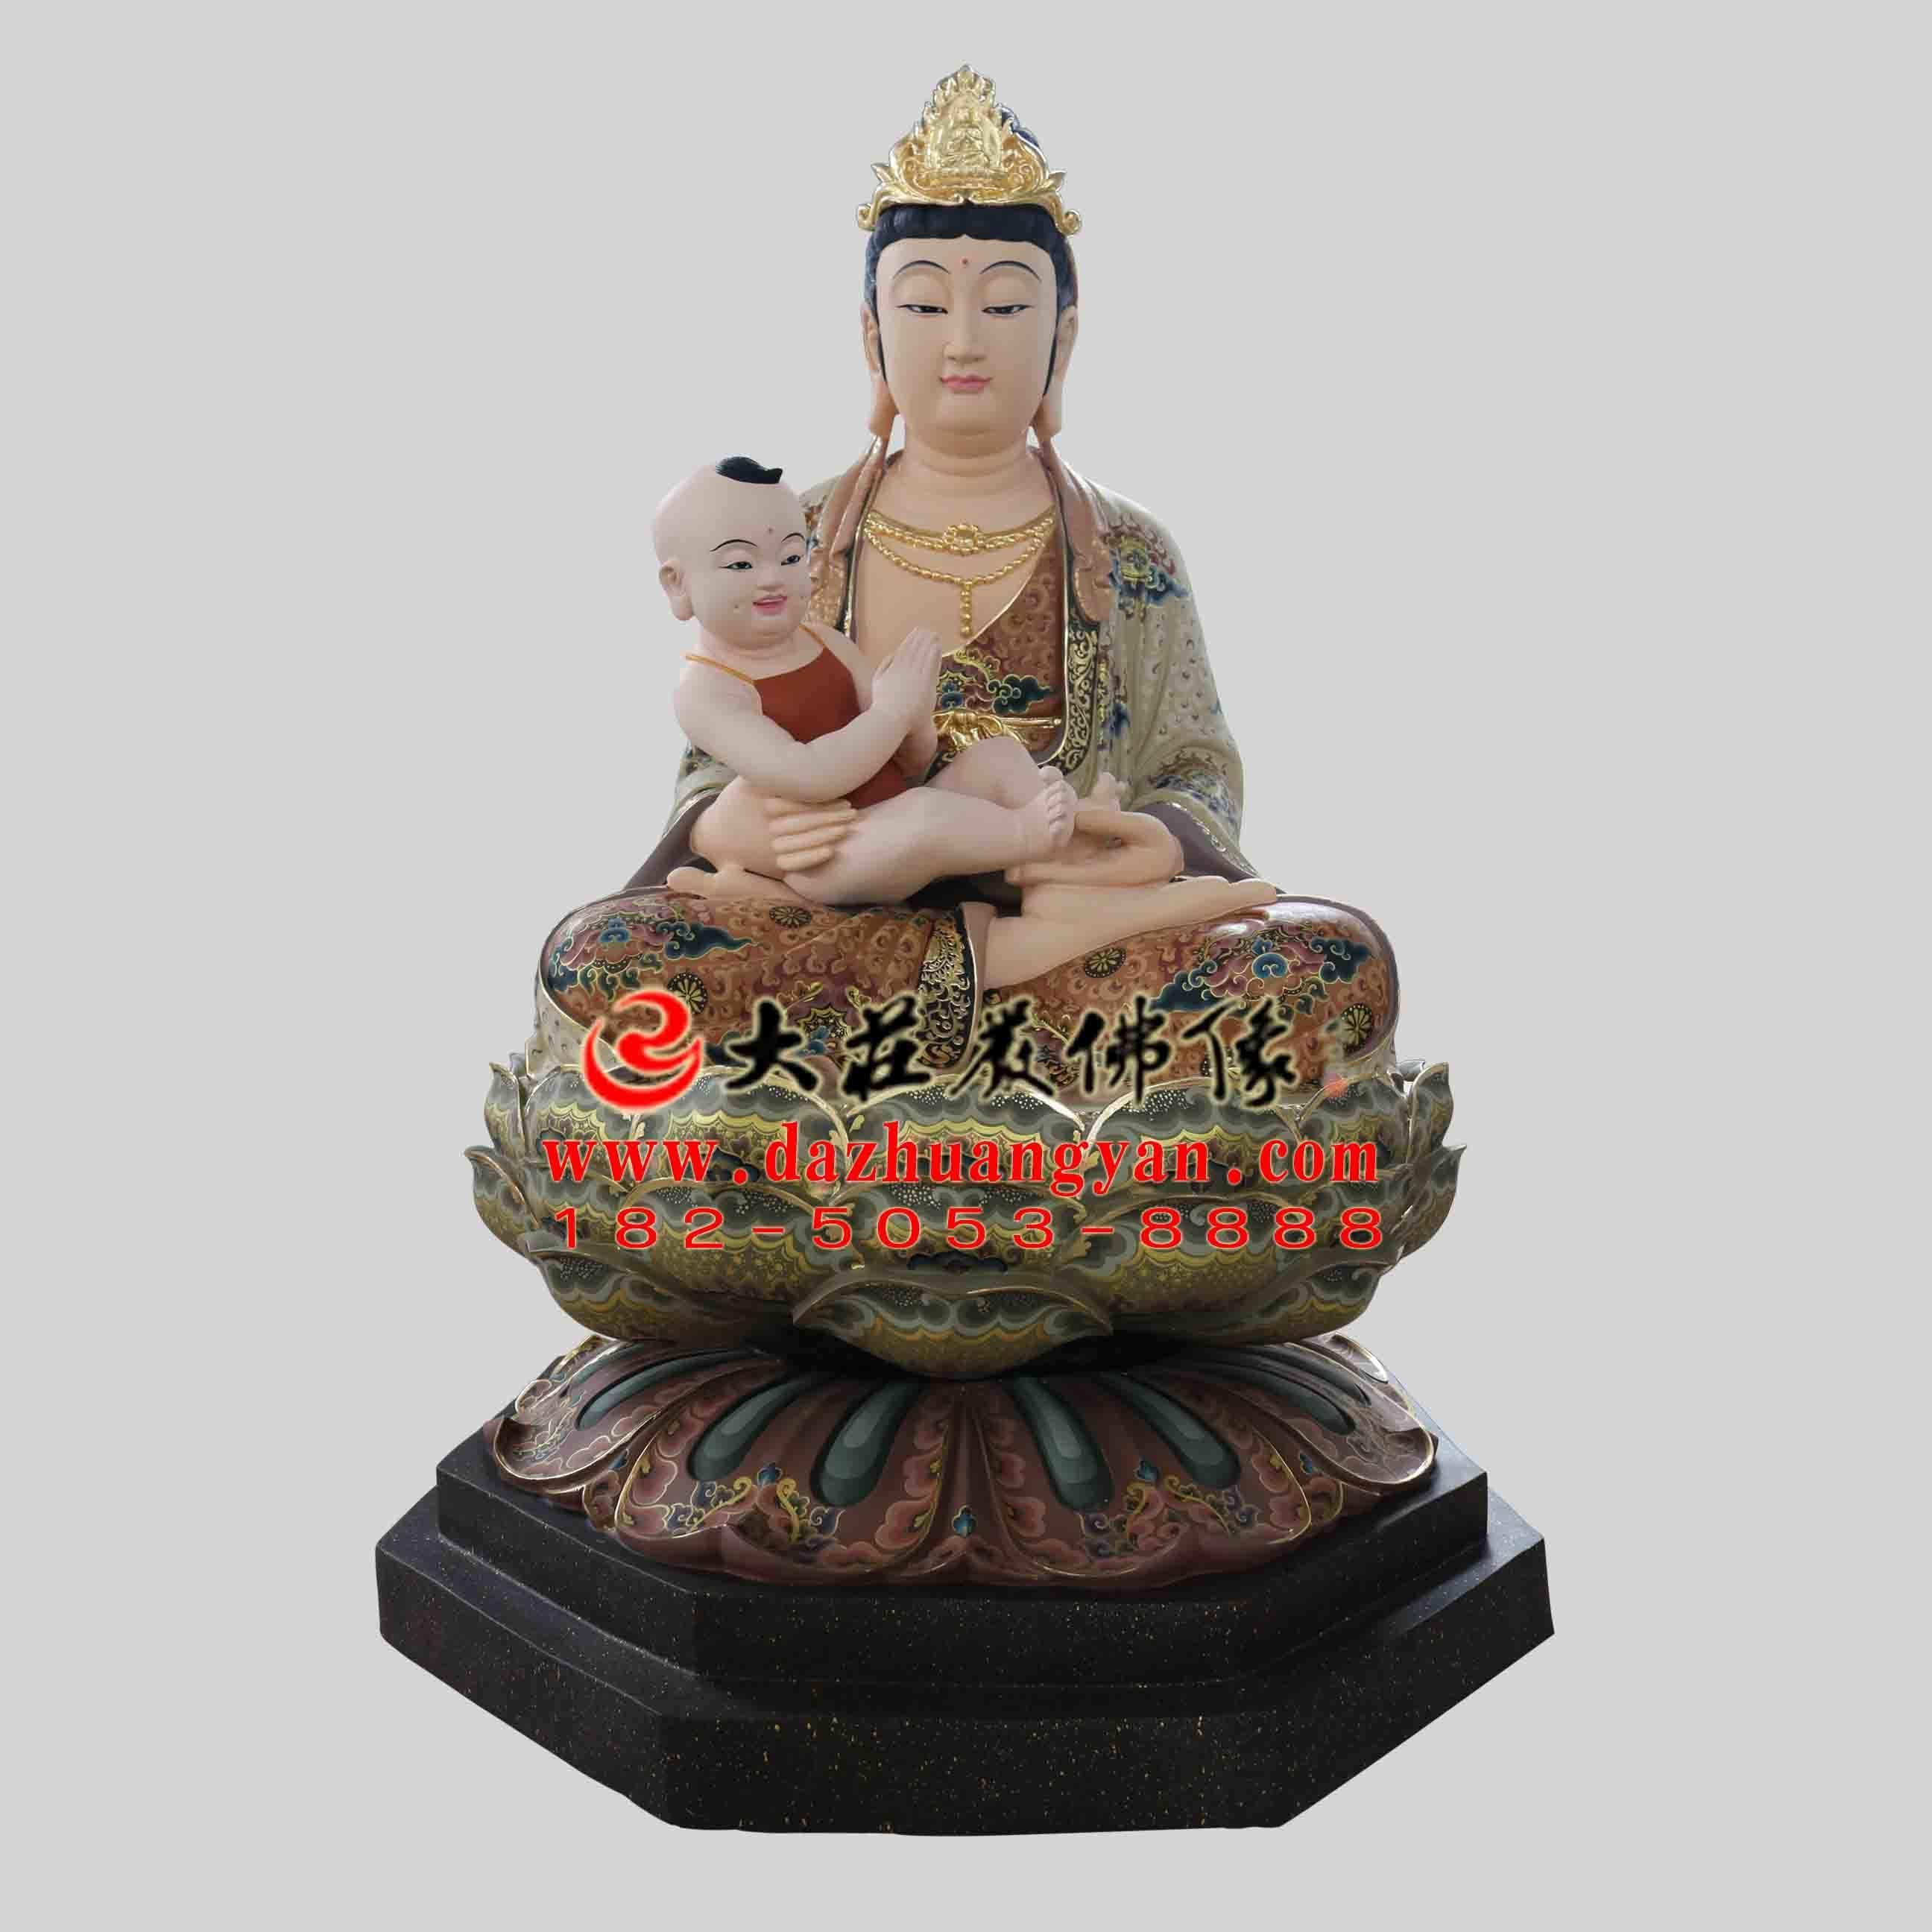 生漆脱胎送子观音彩绘佛像 送子娘娘雕塑 观音菩萨佛像定制